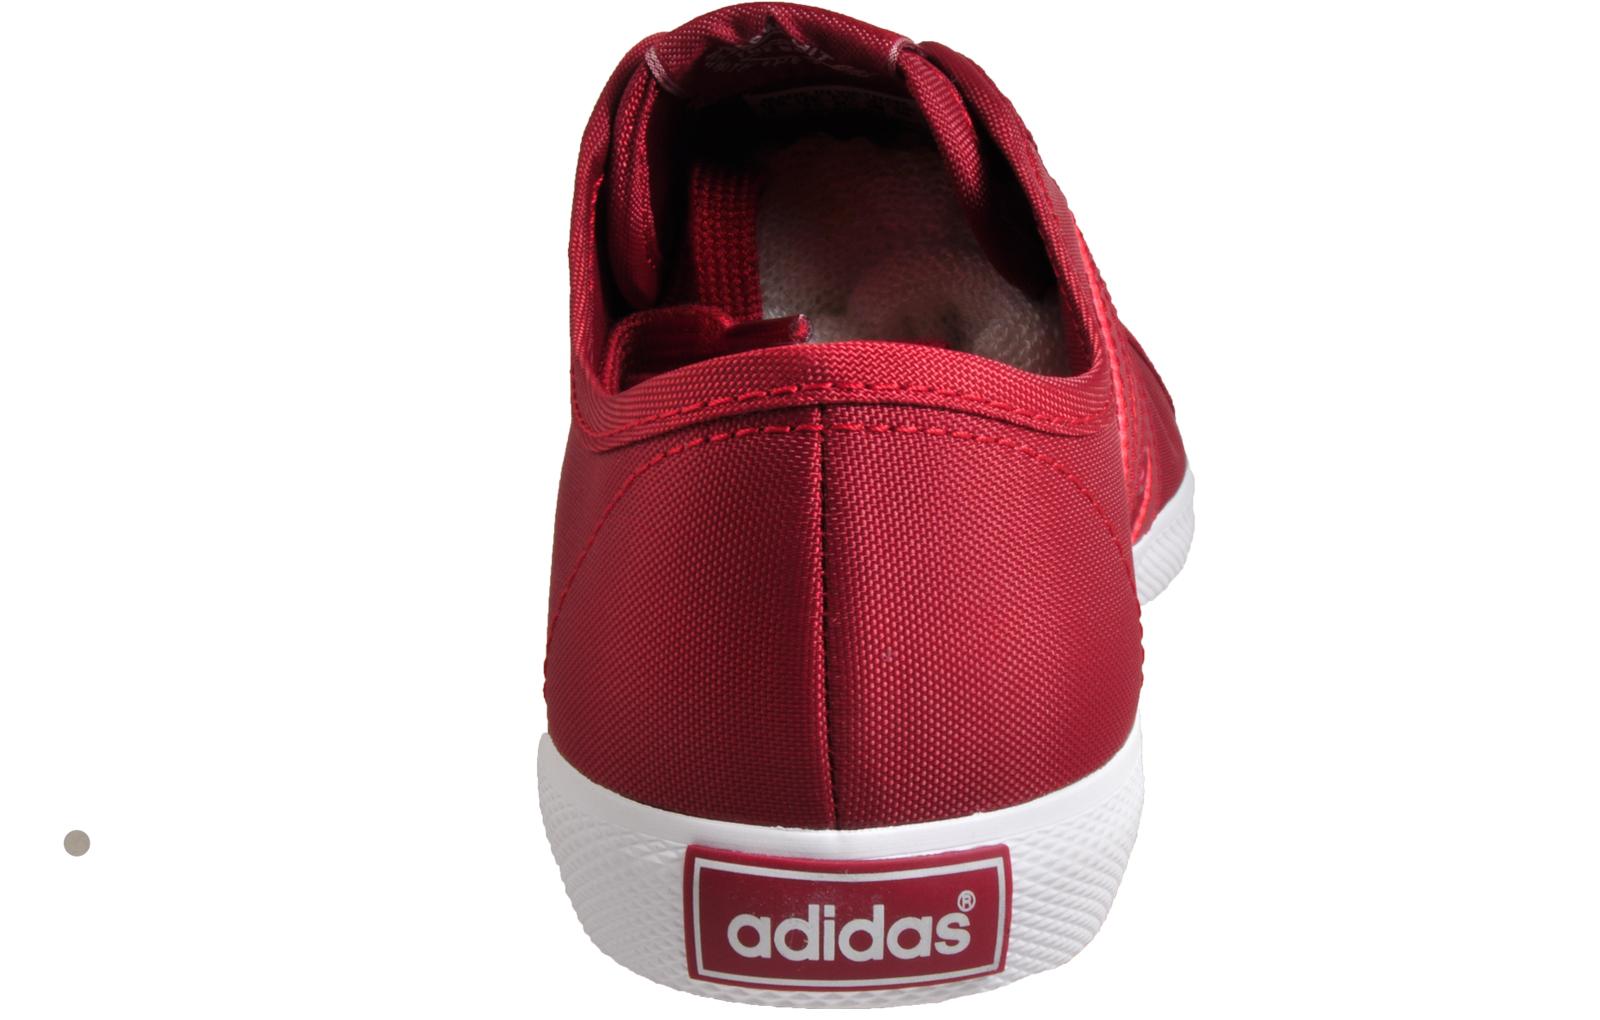 f4c6db9f4211 Adidas Originals San Remo Mens -